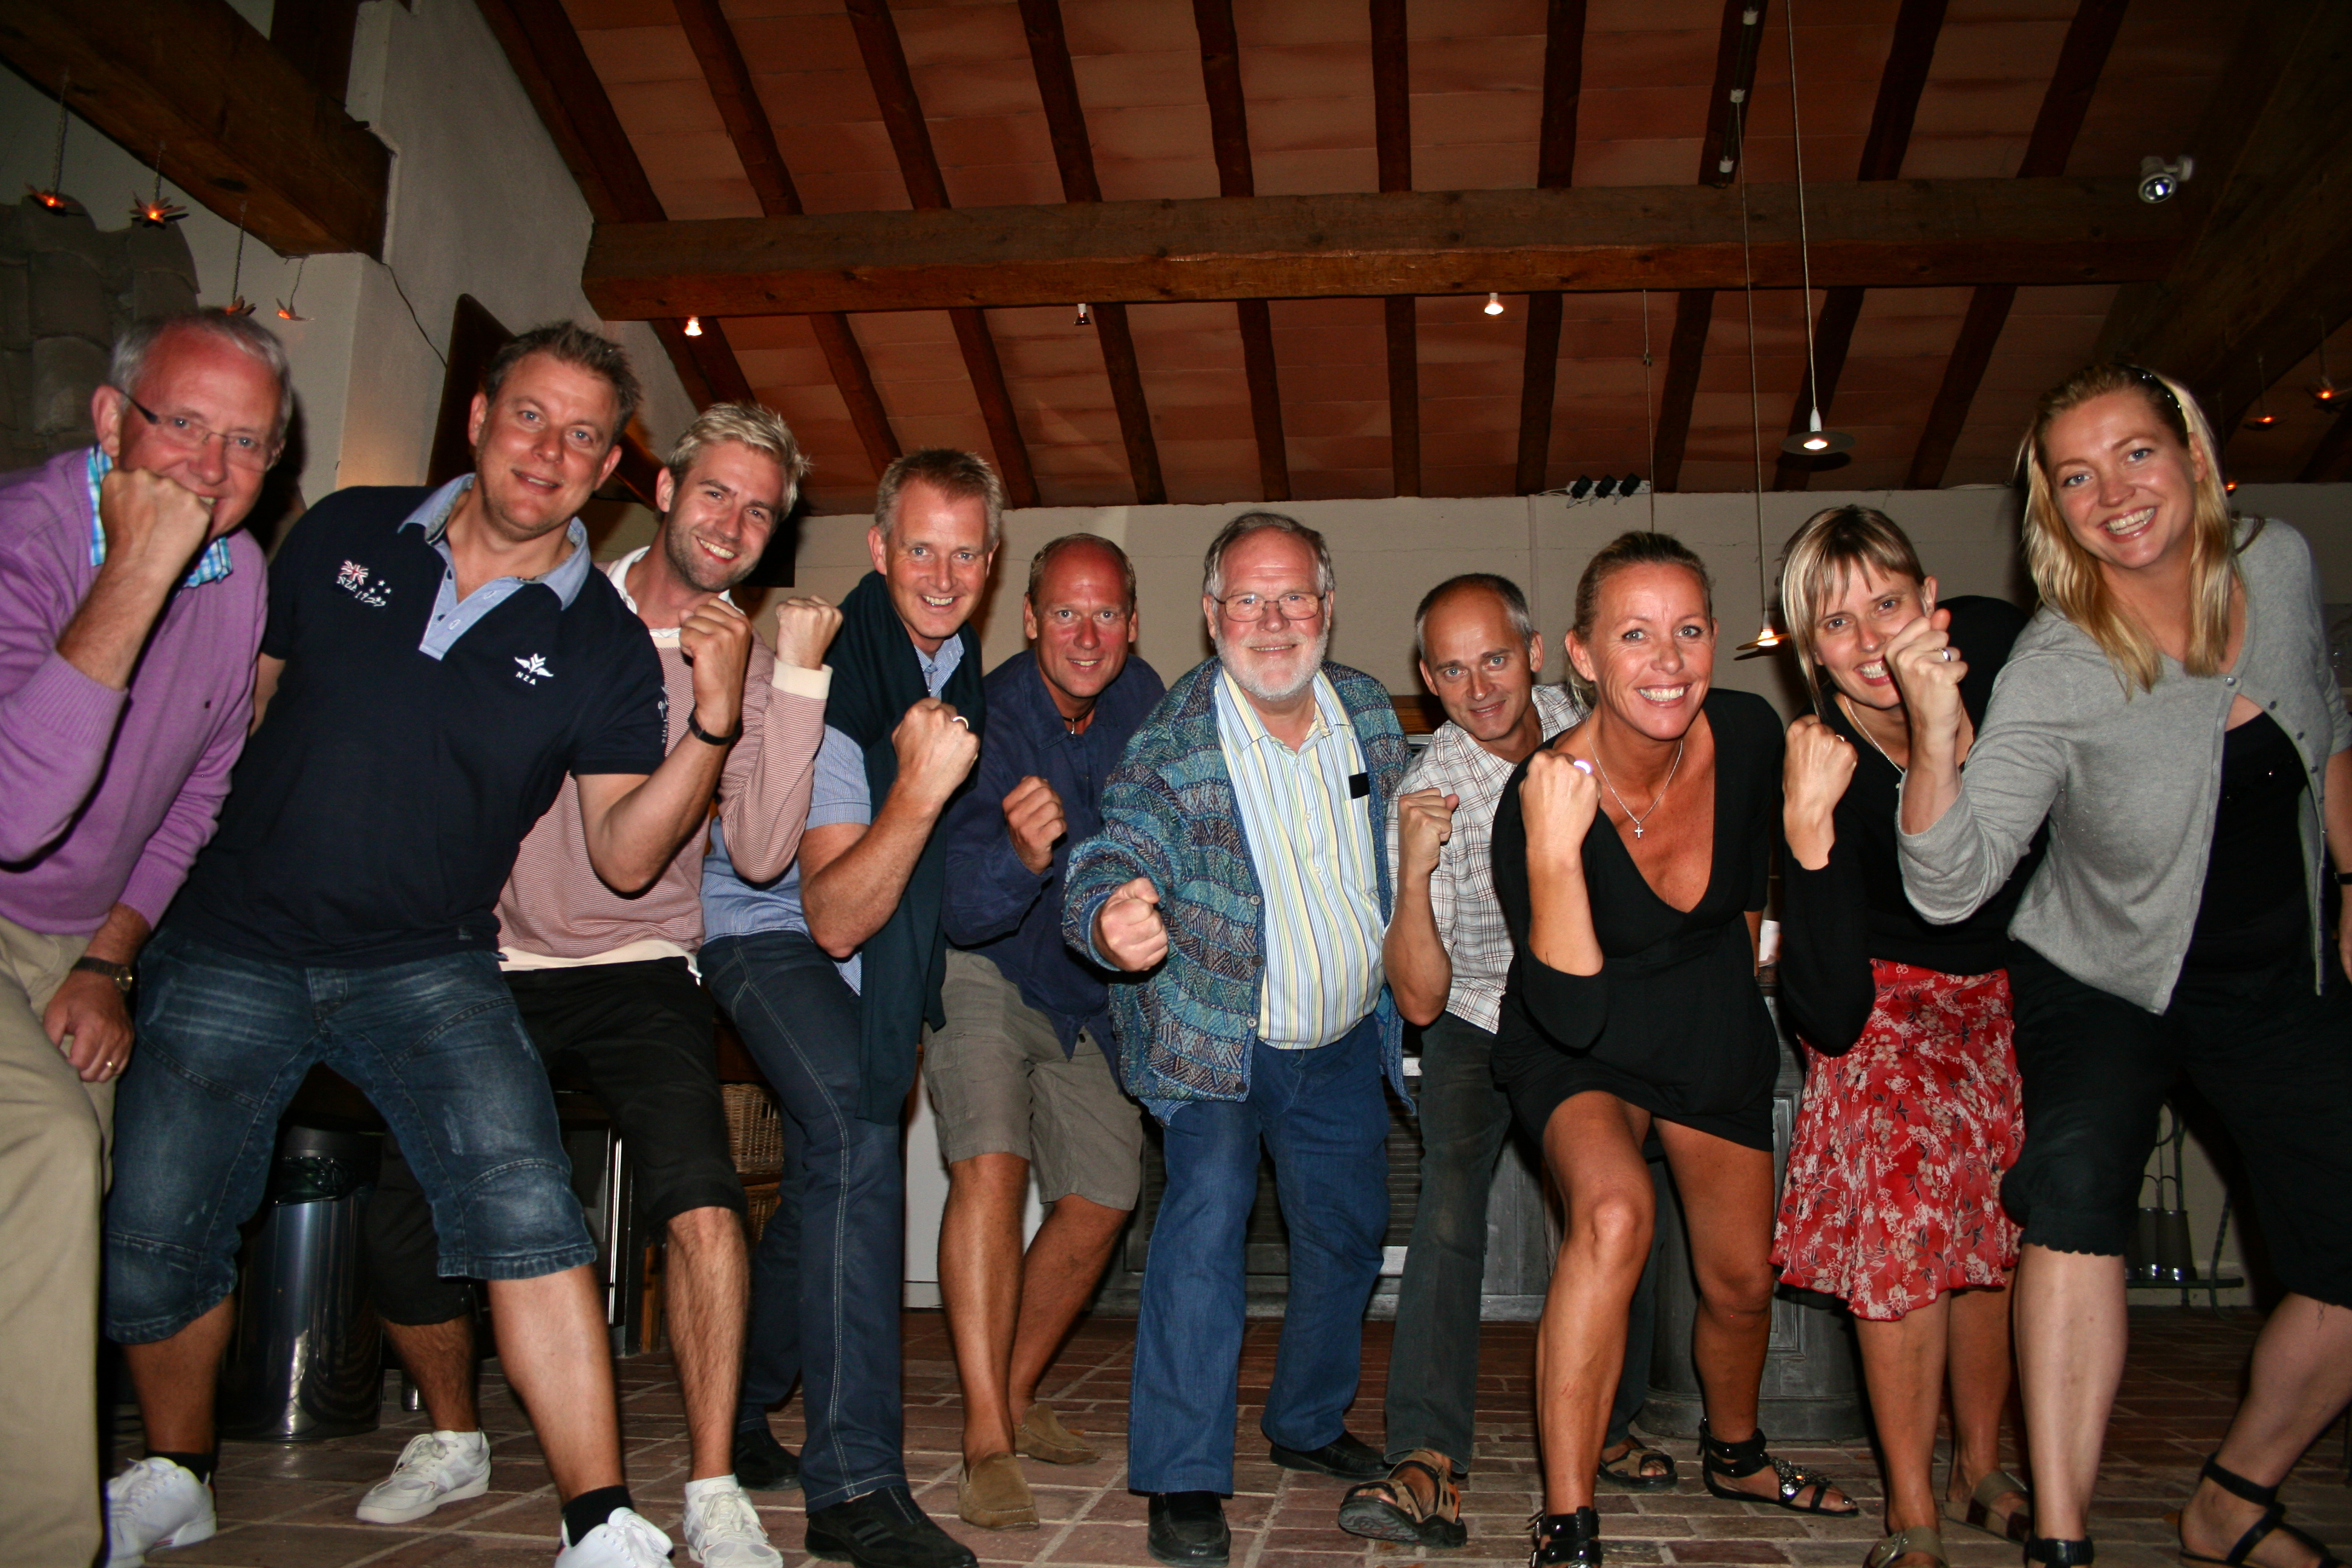 dansk swinger film tantra massage studio